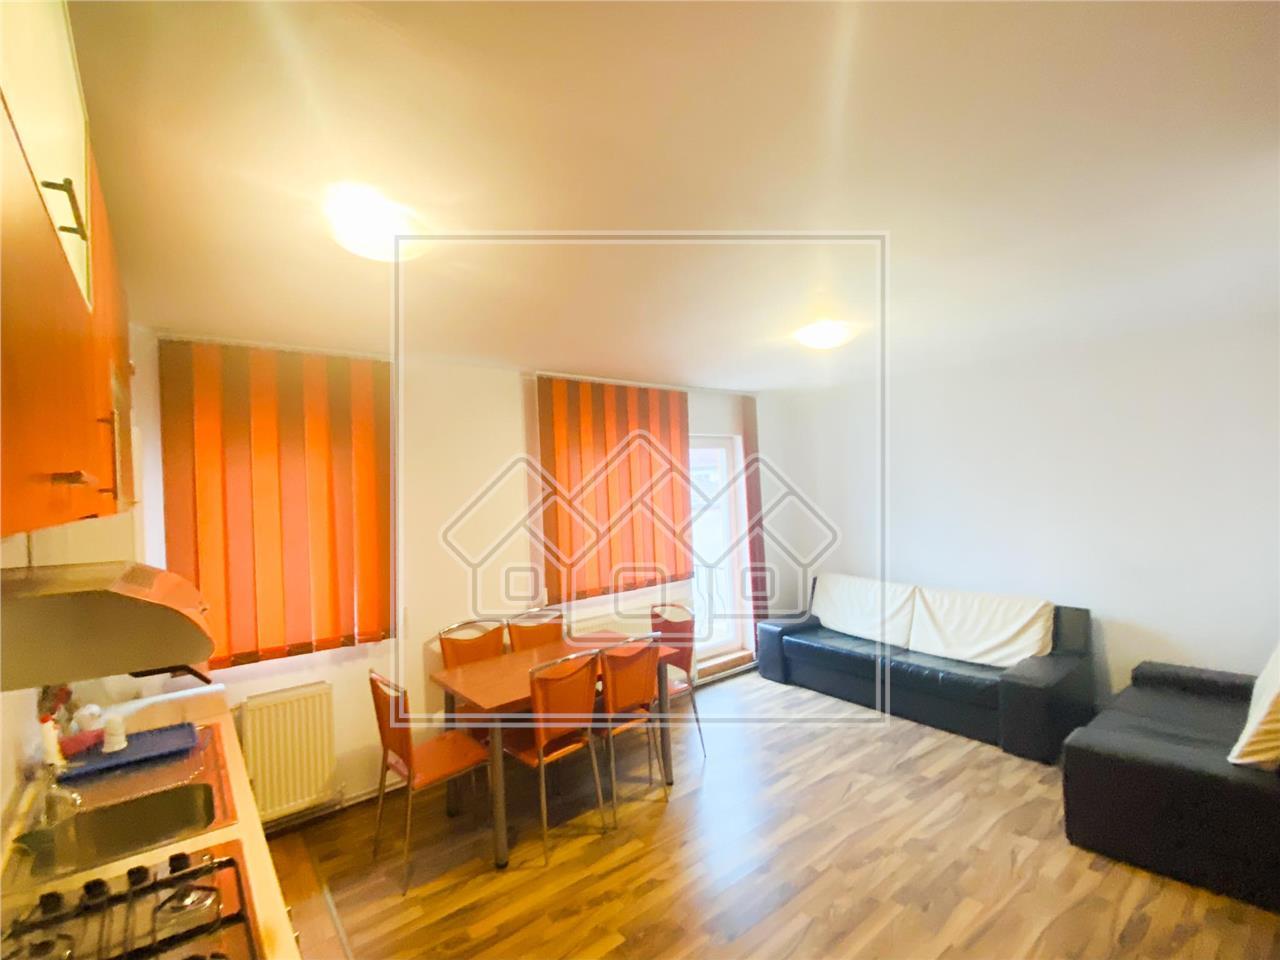 Wohnung zu vermieten in Sibiu - 3 Zimmer und Balkon